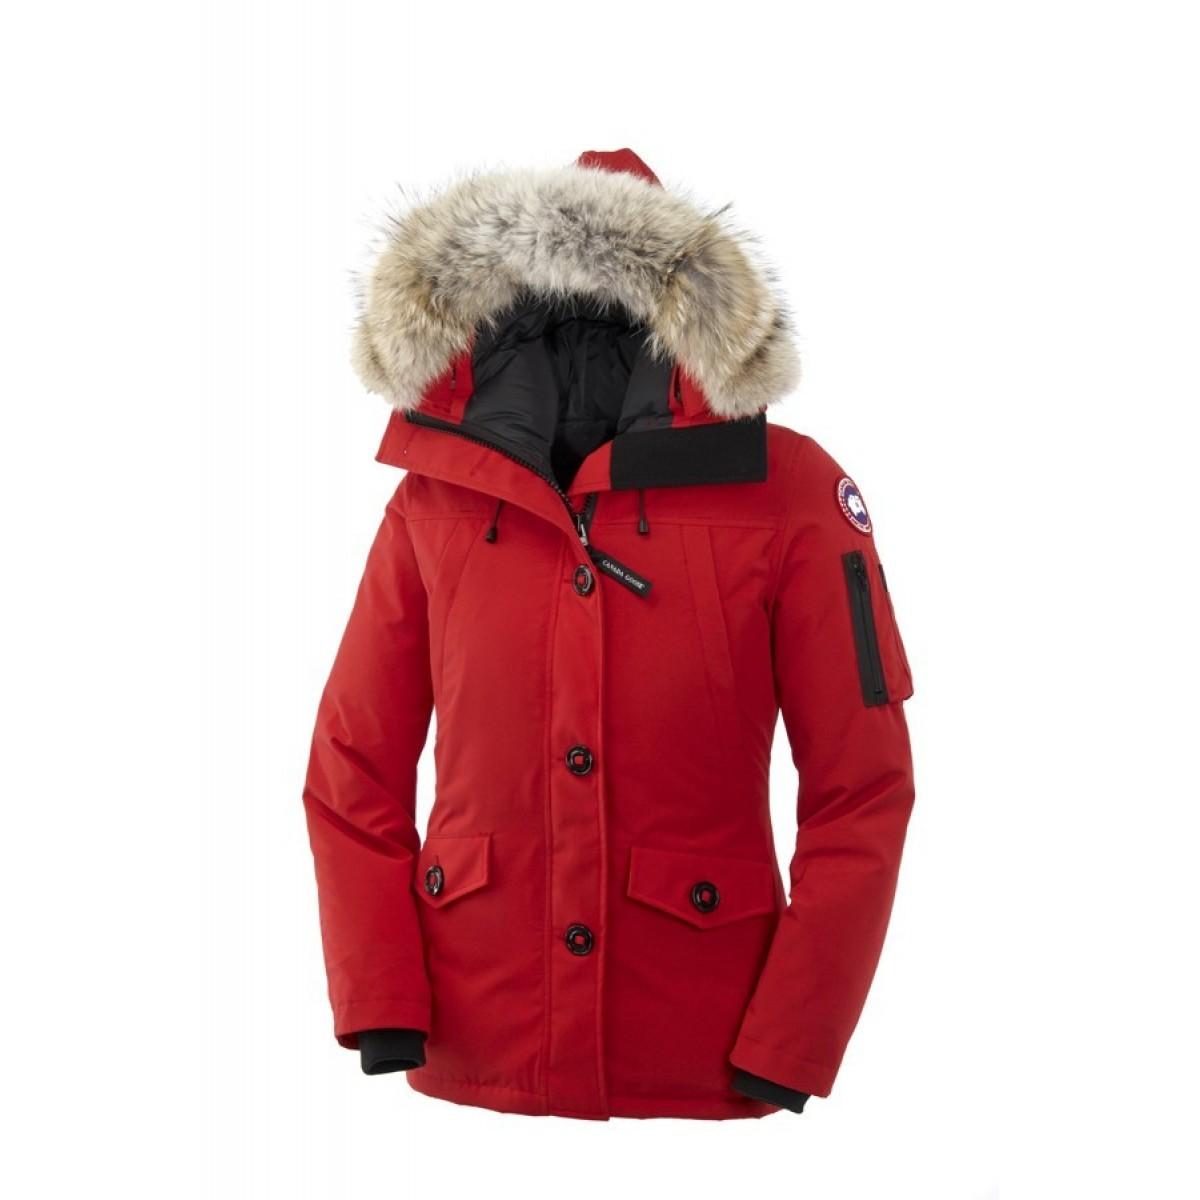 Canada Goose Montebello Parka Rouge Femme en Solde - Canada Goose ... fac1e1bc0f65